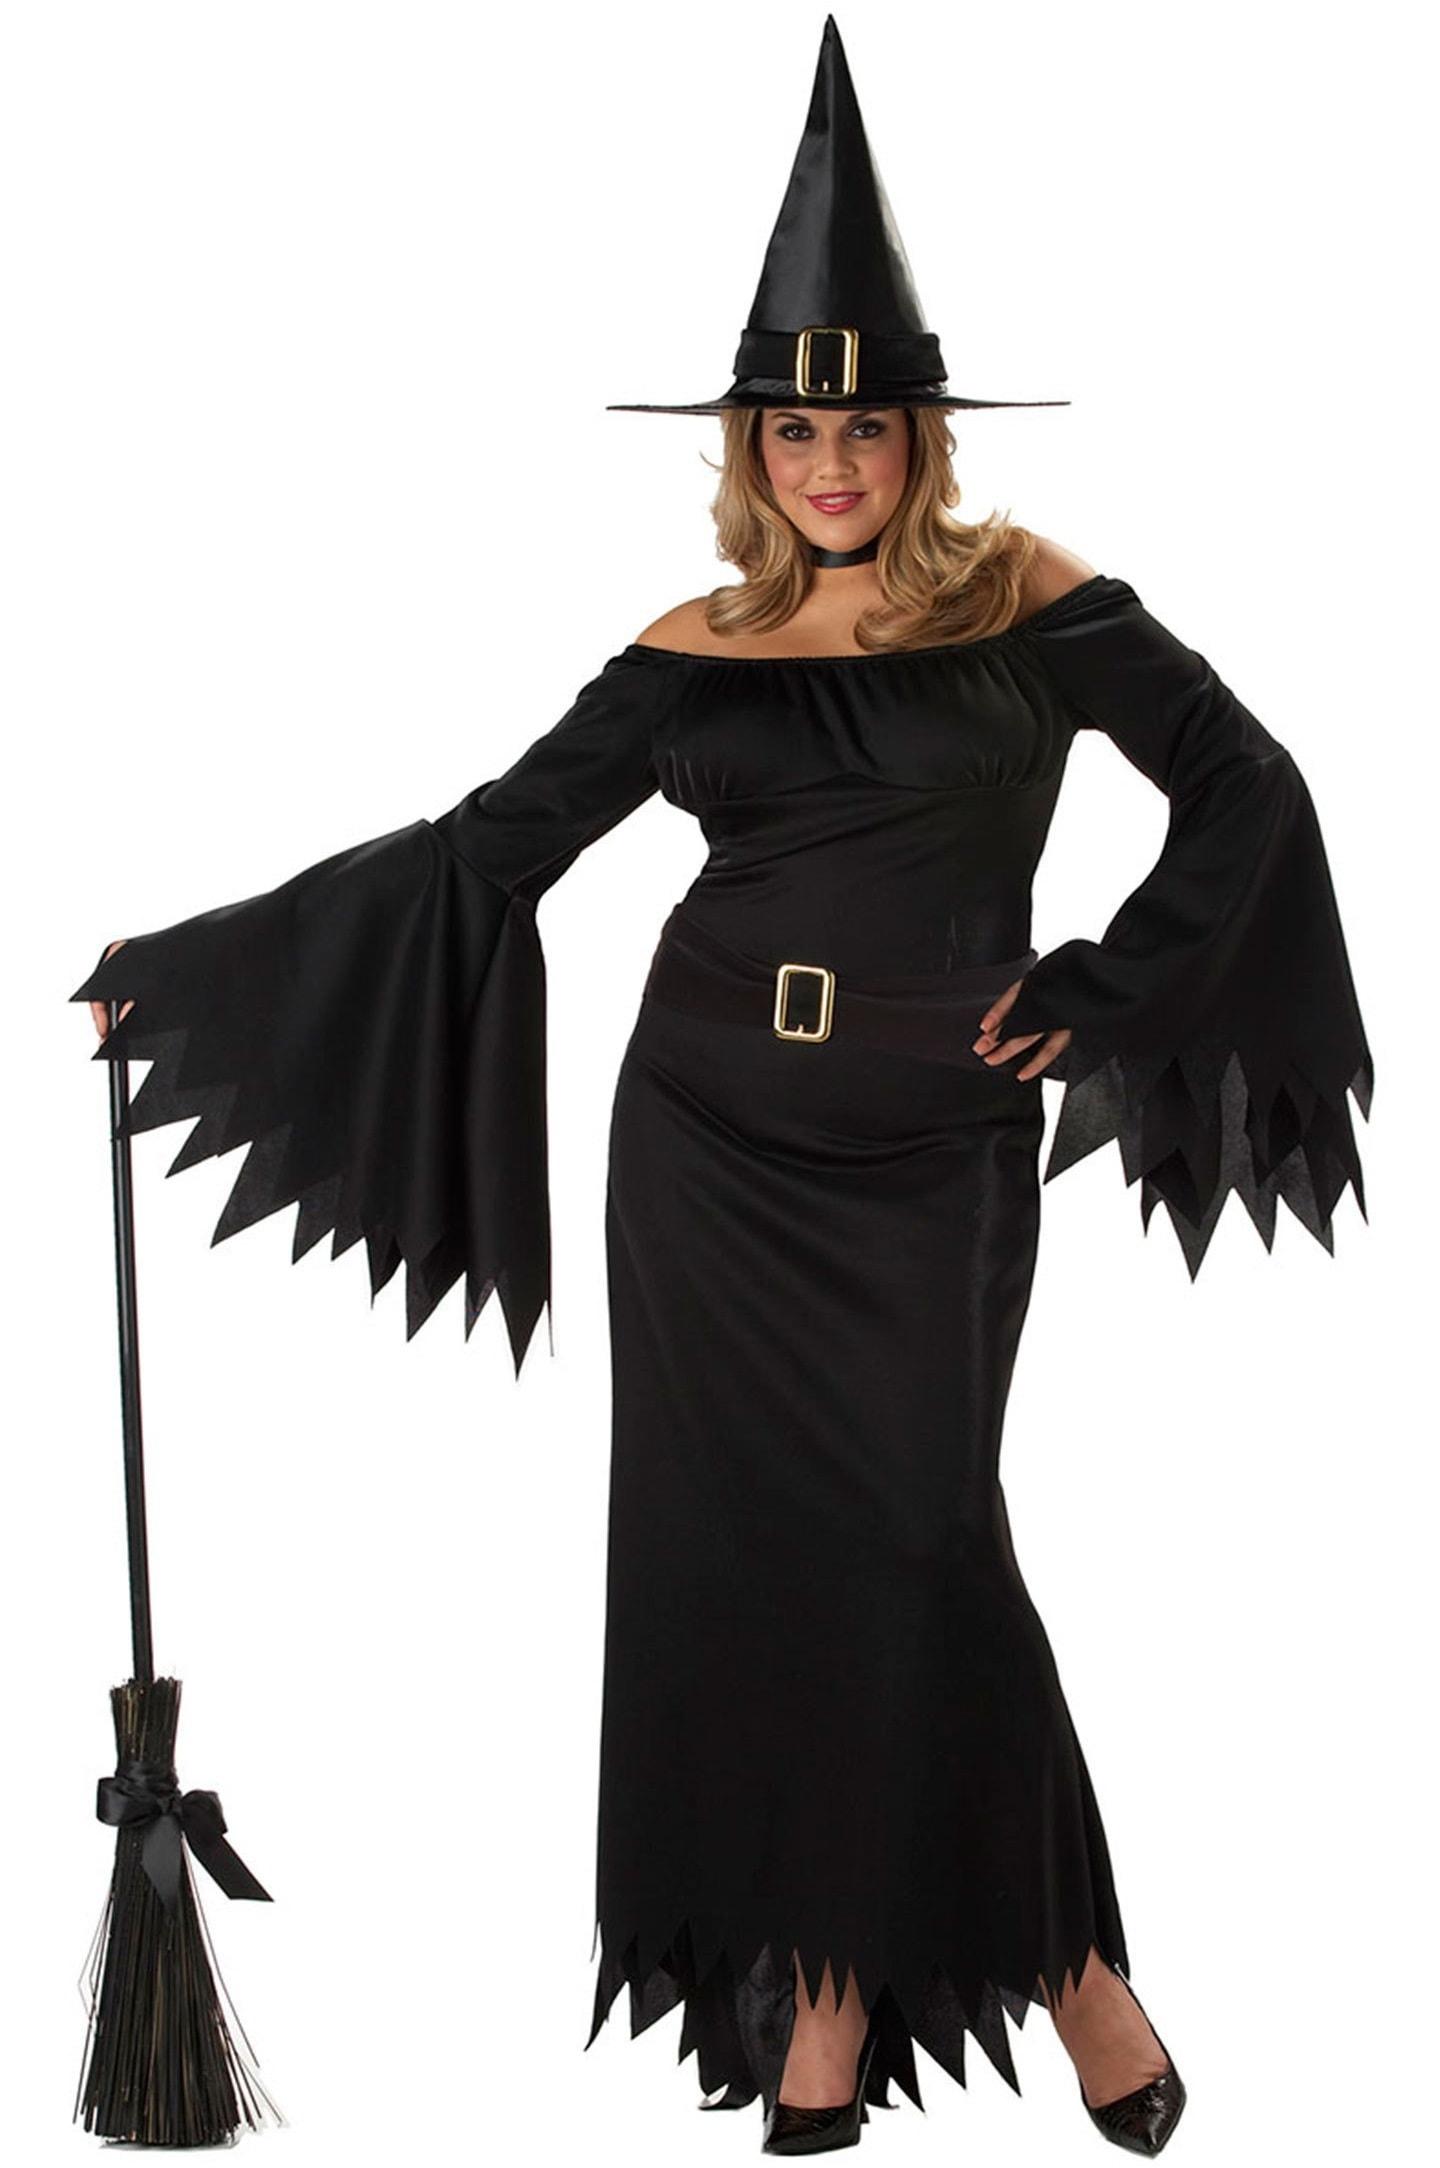 Костюмы для хэллоуина спб купить фото секретарок